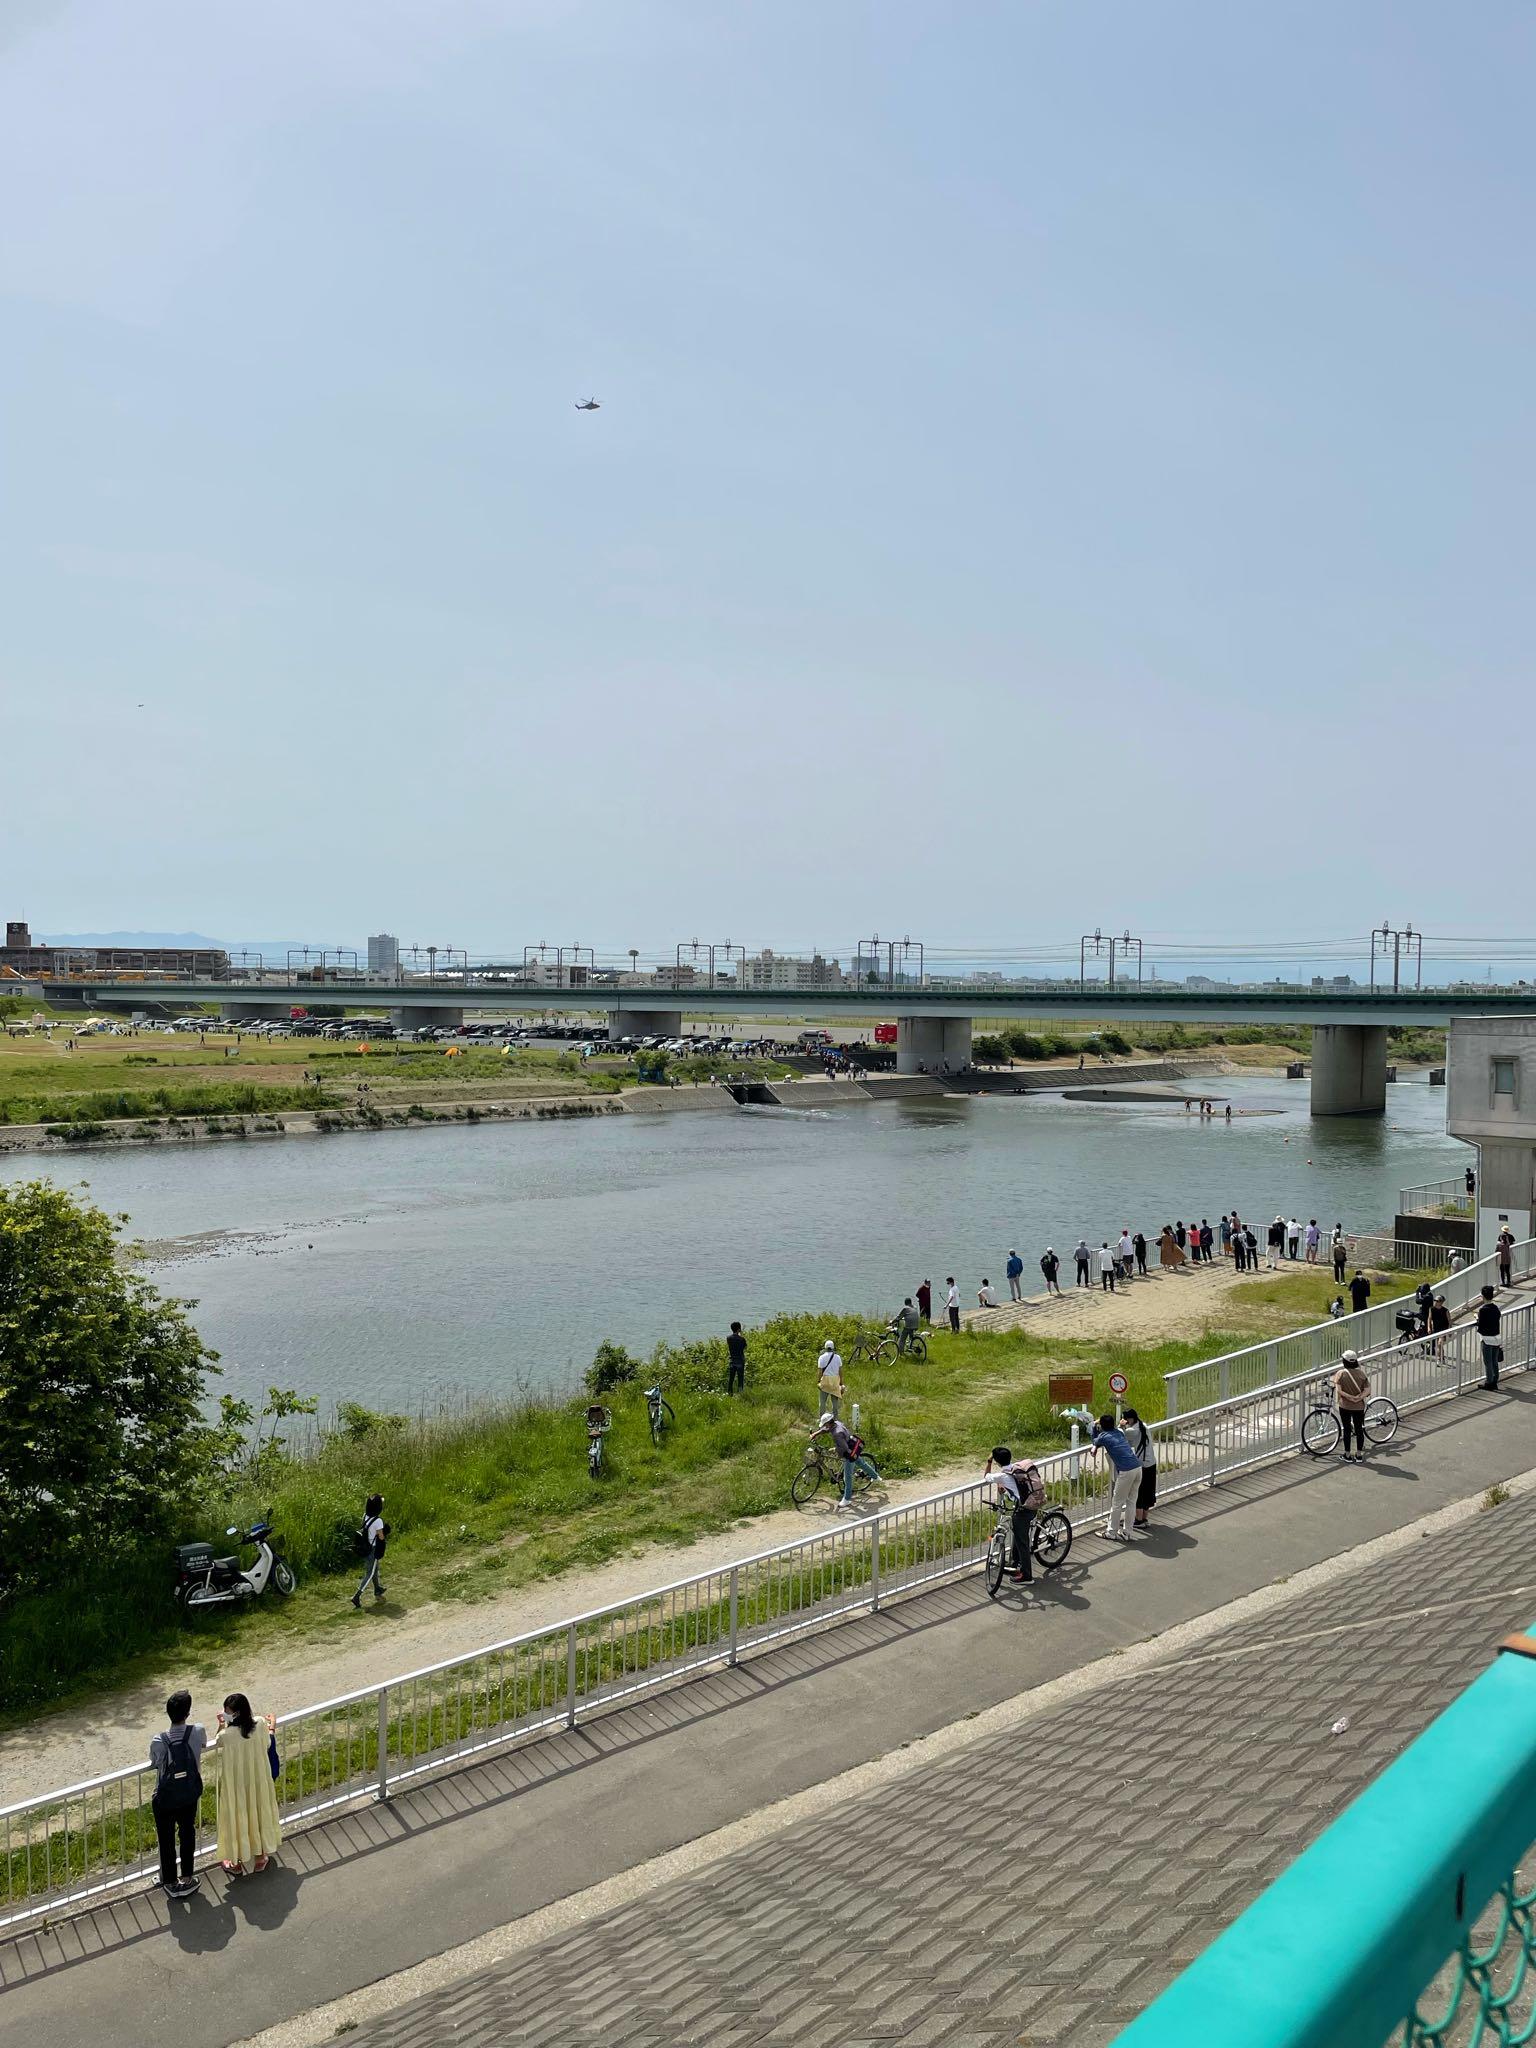 画像,多摩川で水難事故みたい https://t.co/RGlfvMqzjG。